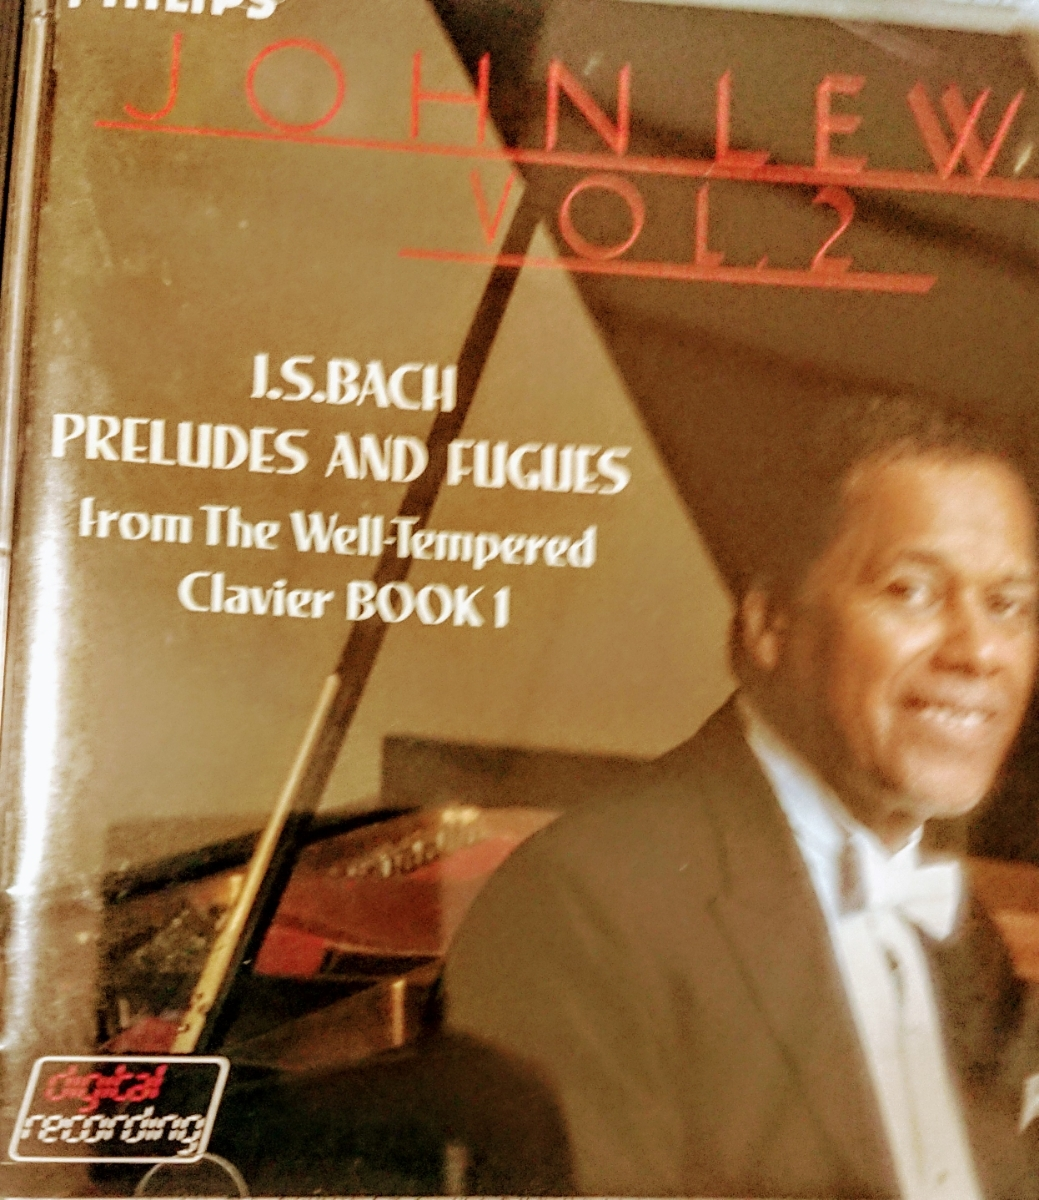 国内初期盤CDジョン・ルイス/バッハ「プレリュードとフーガ」VOL2(国内盤、中古品、帯なし)